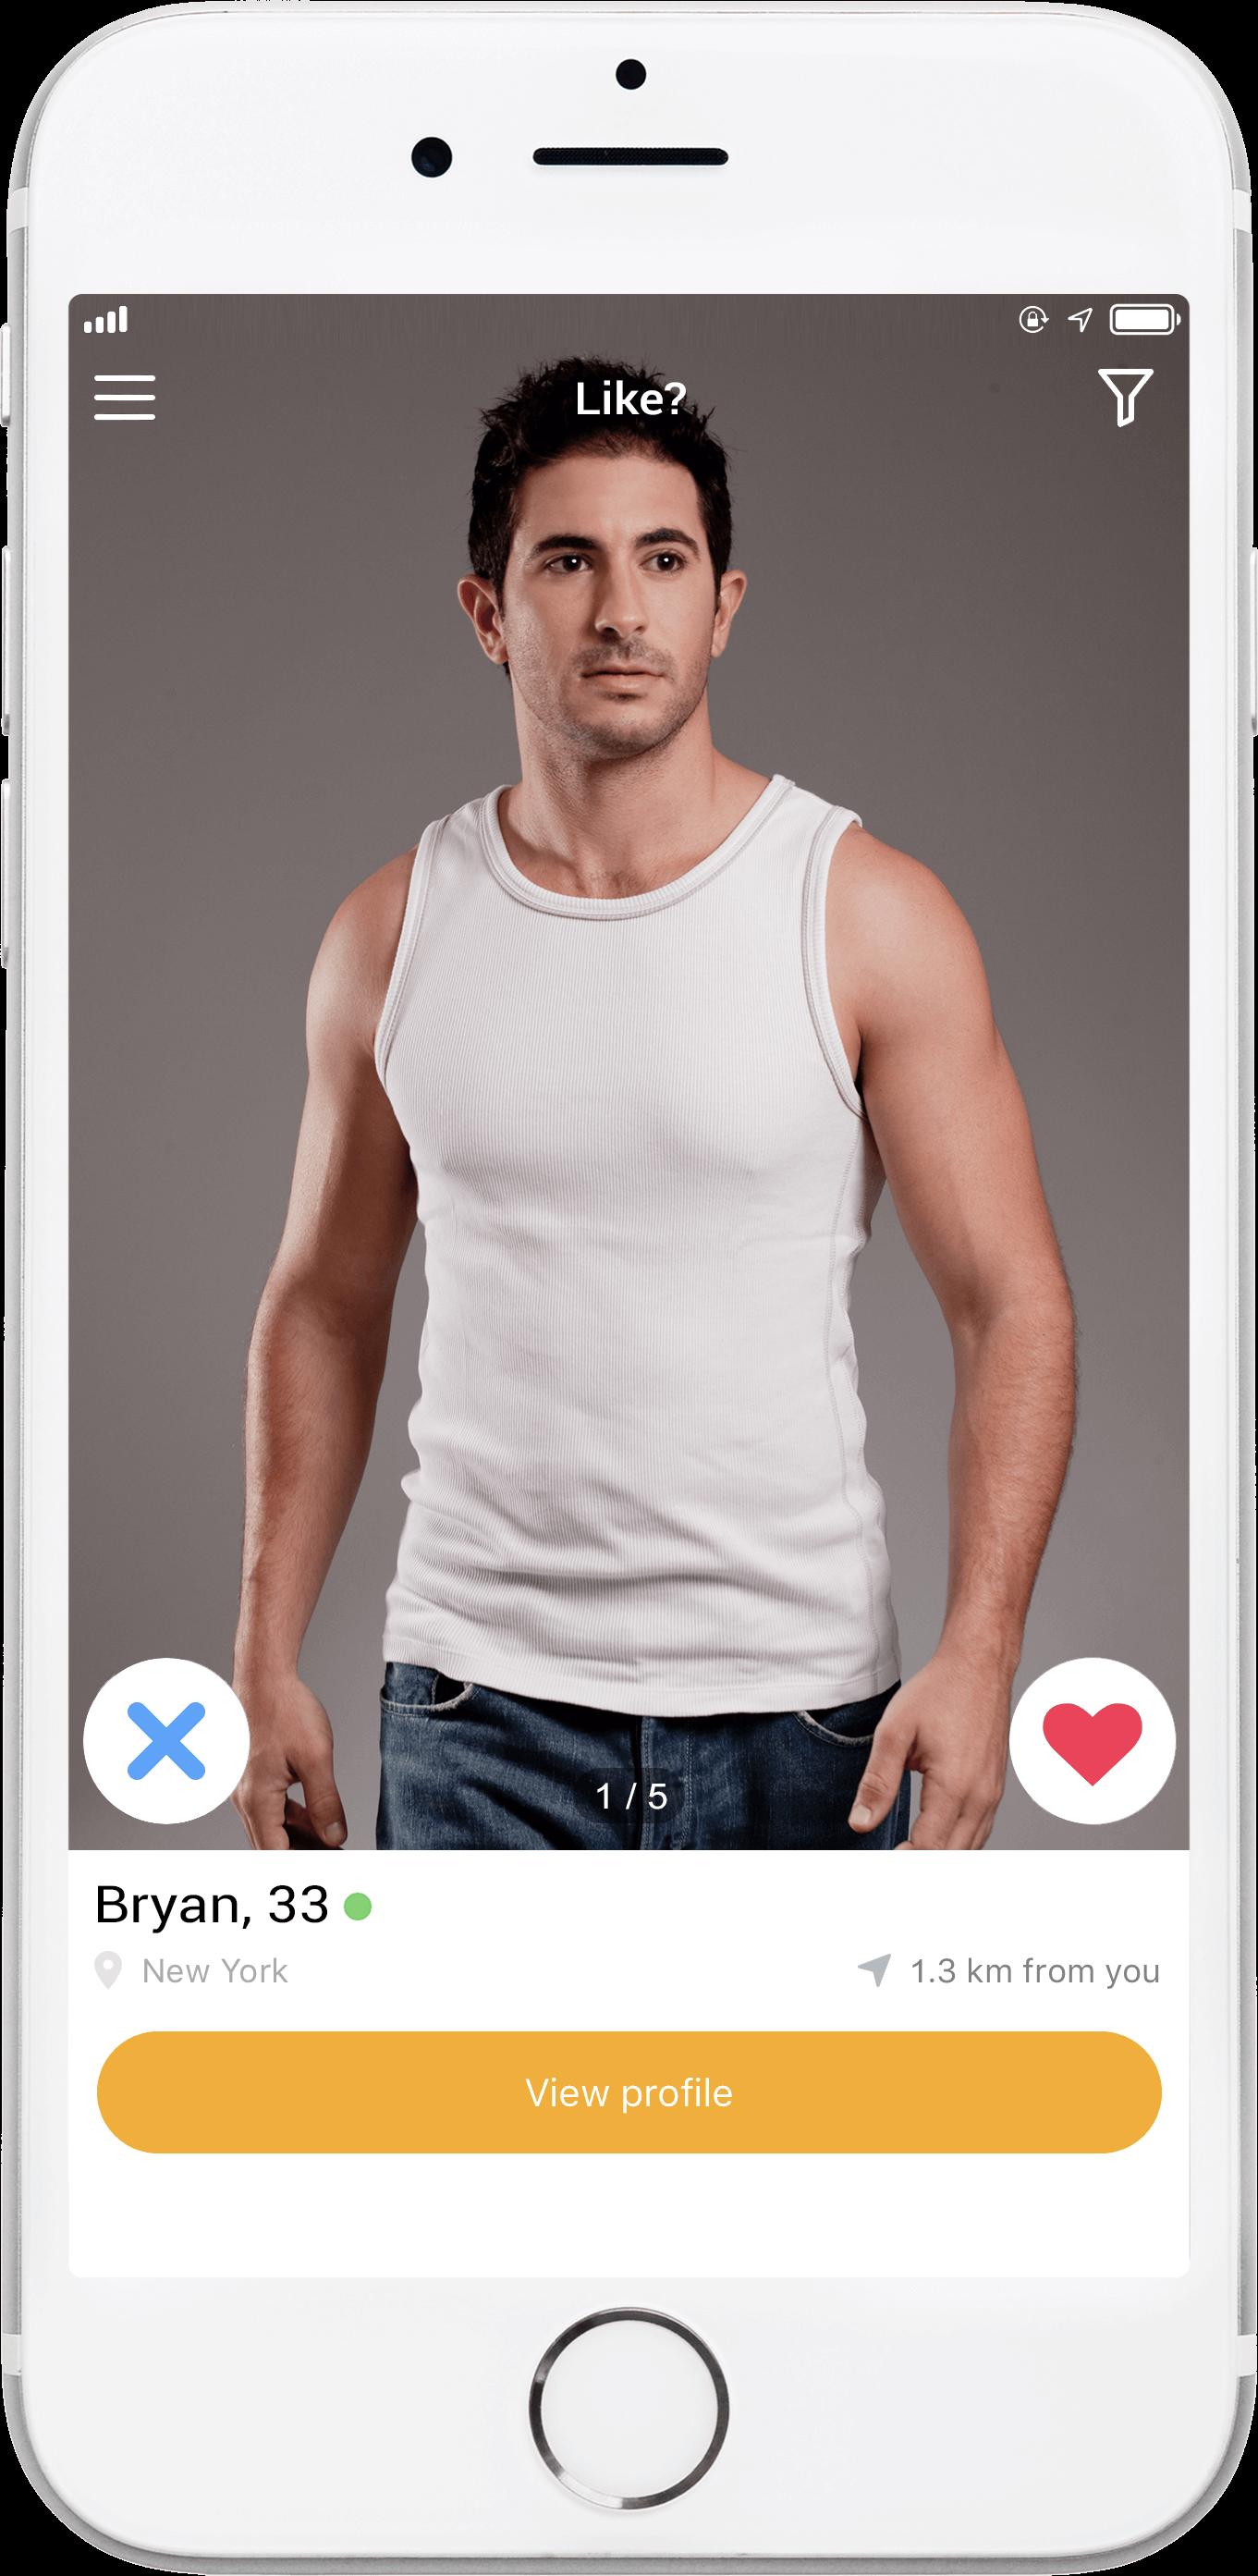 гей знакомства мобильная связь